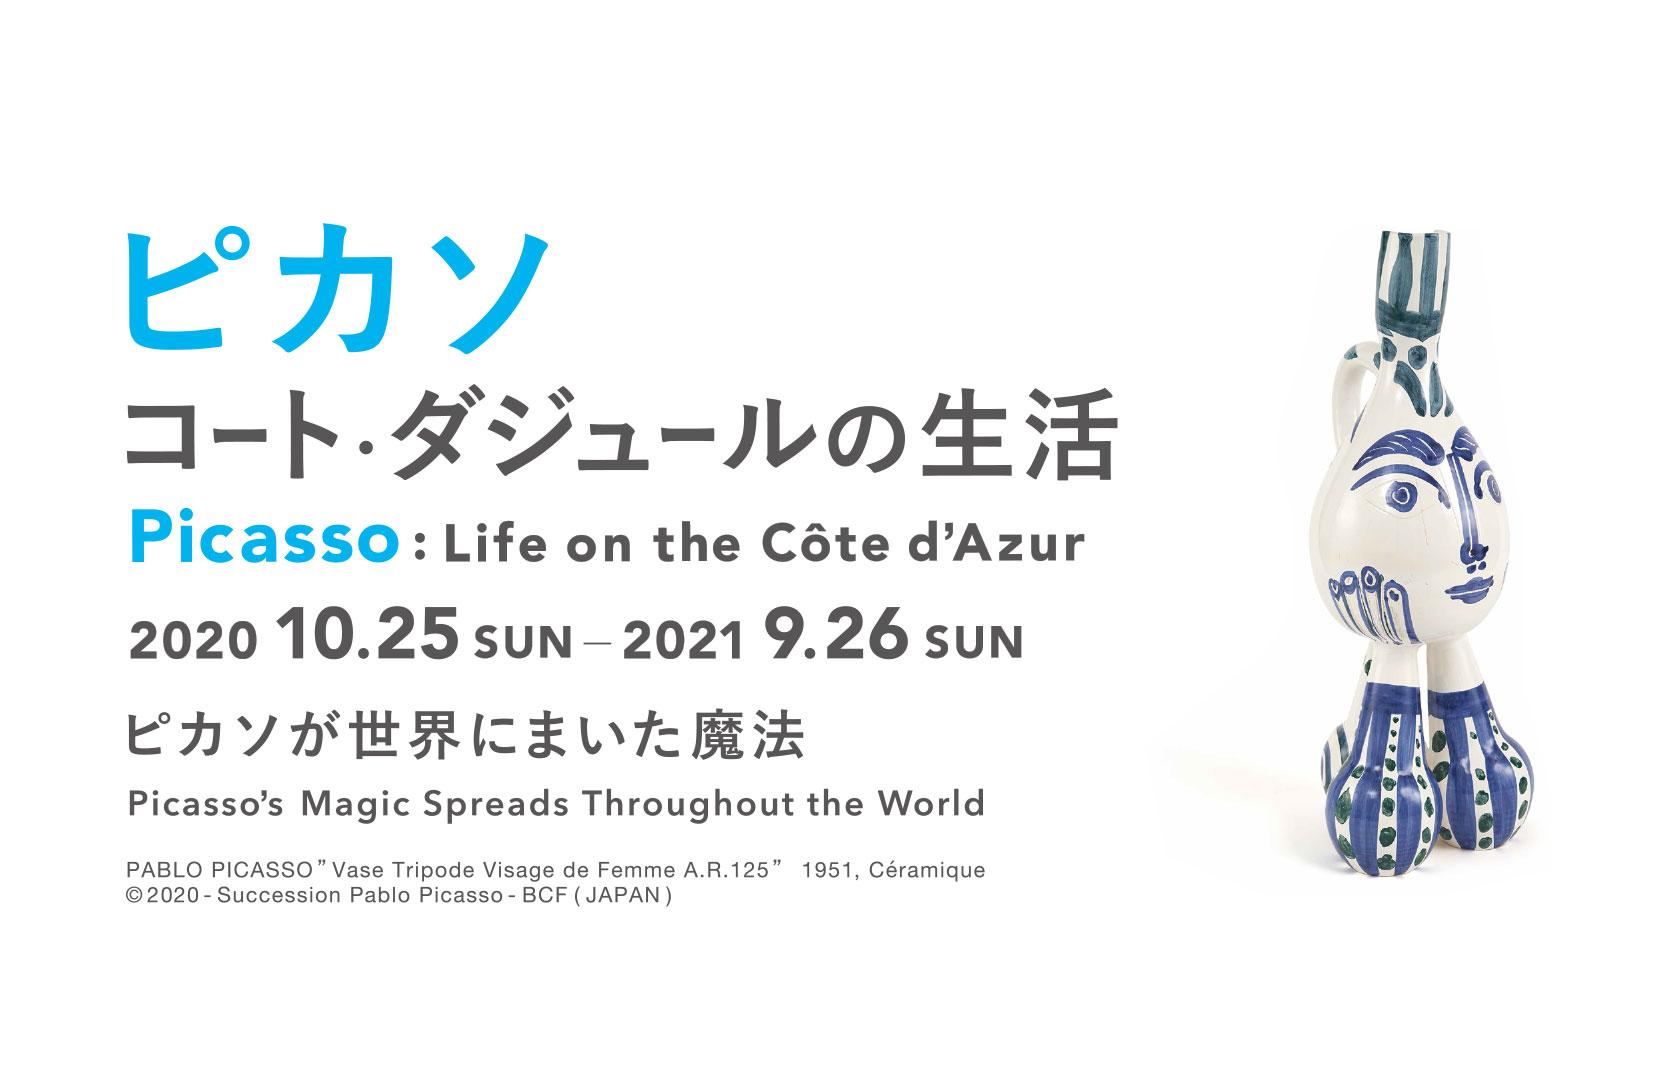 「ピカソ:コート・ダジュールの生活」展